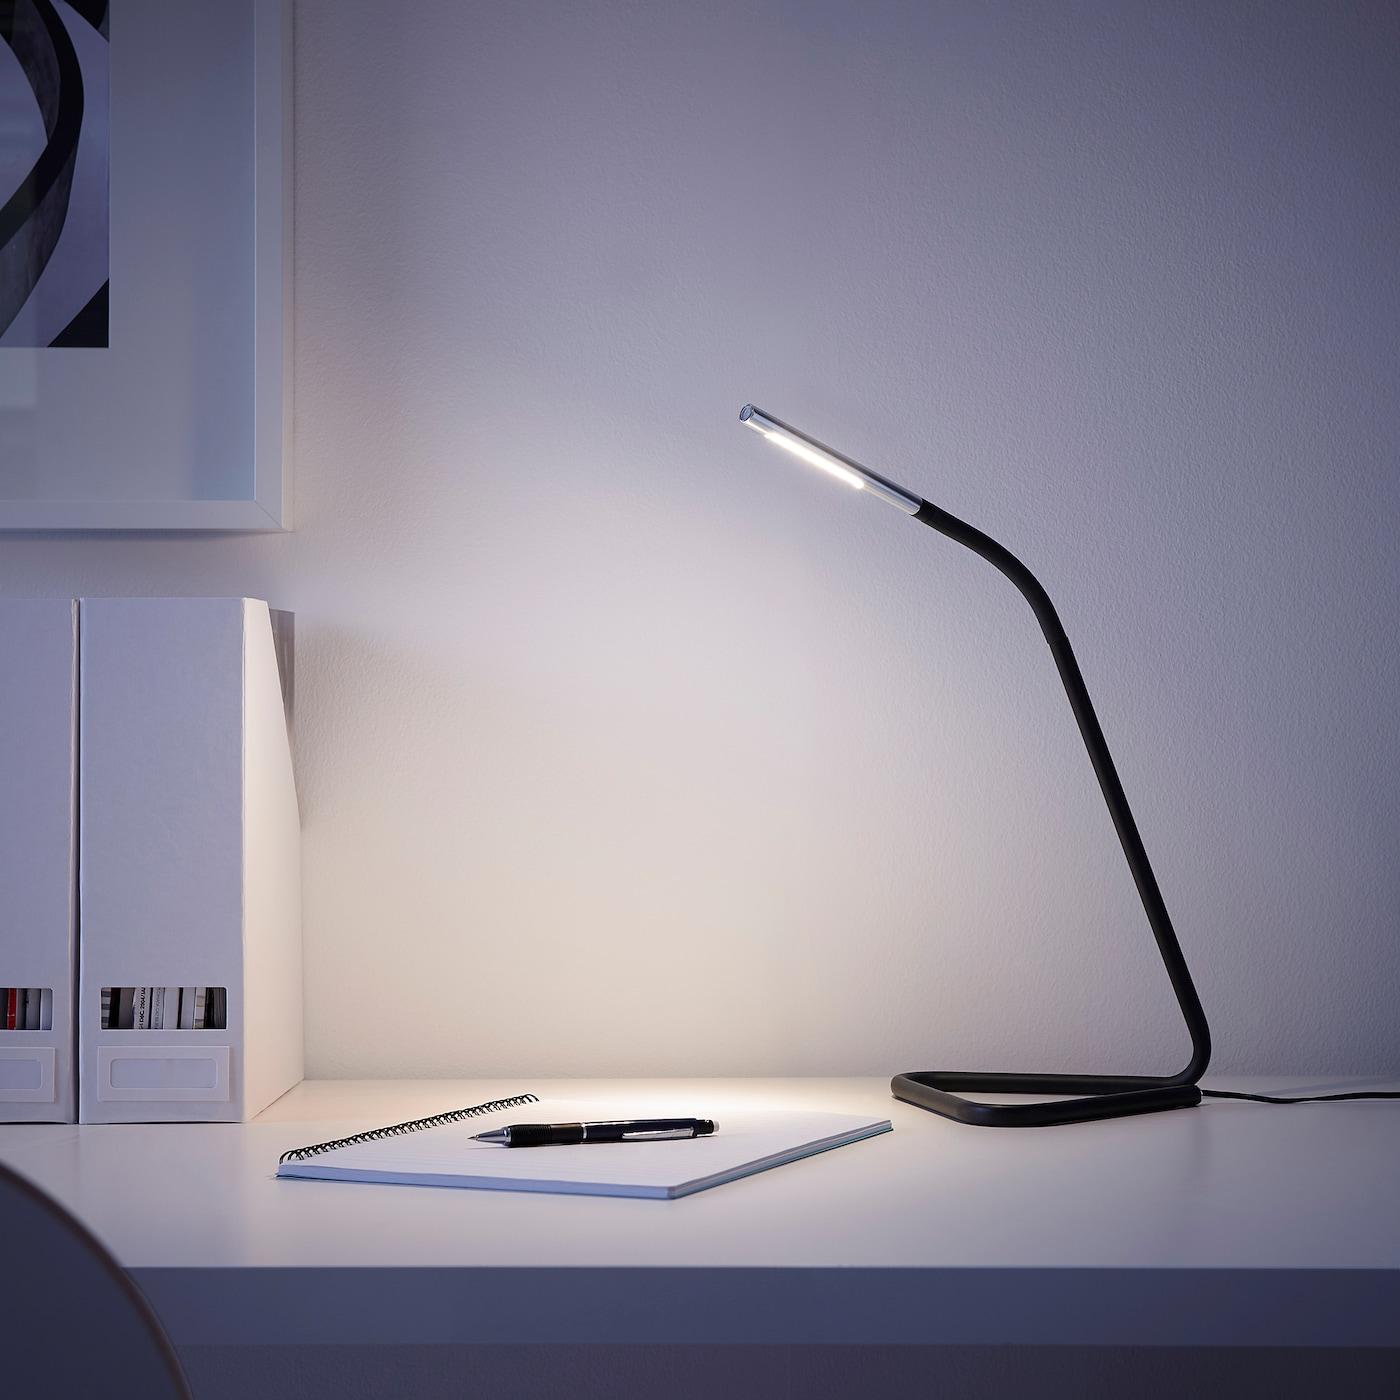 HÅRTE LED arbetslampa, svart, silverfärgad IKEA